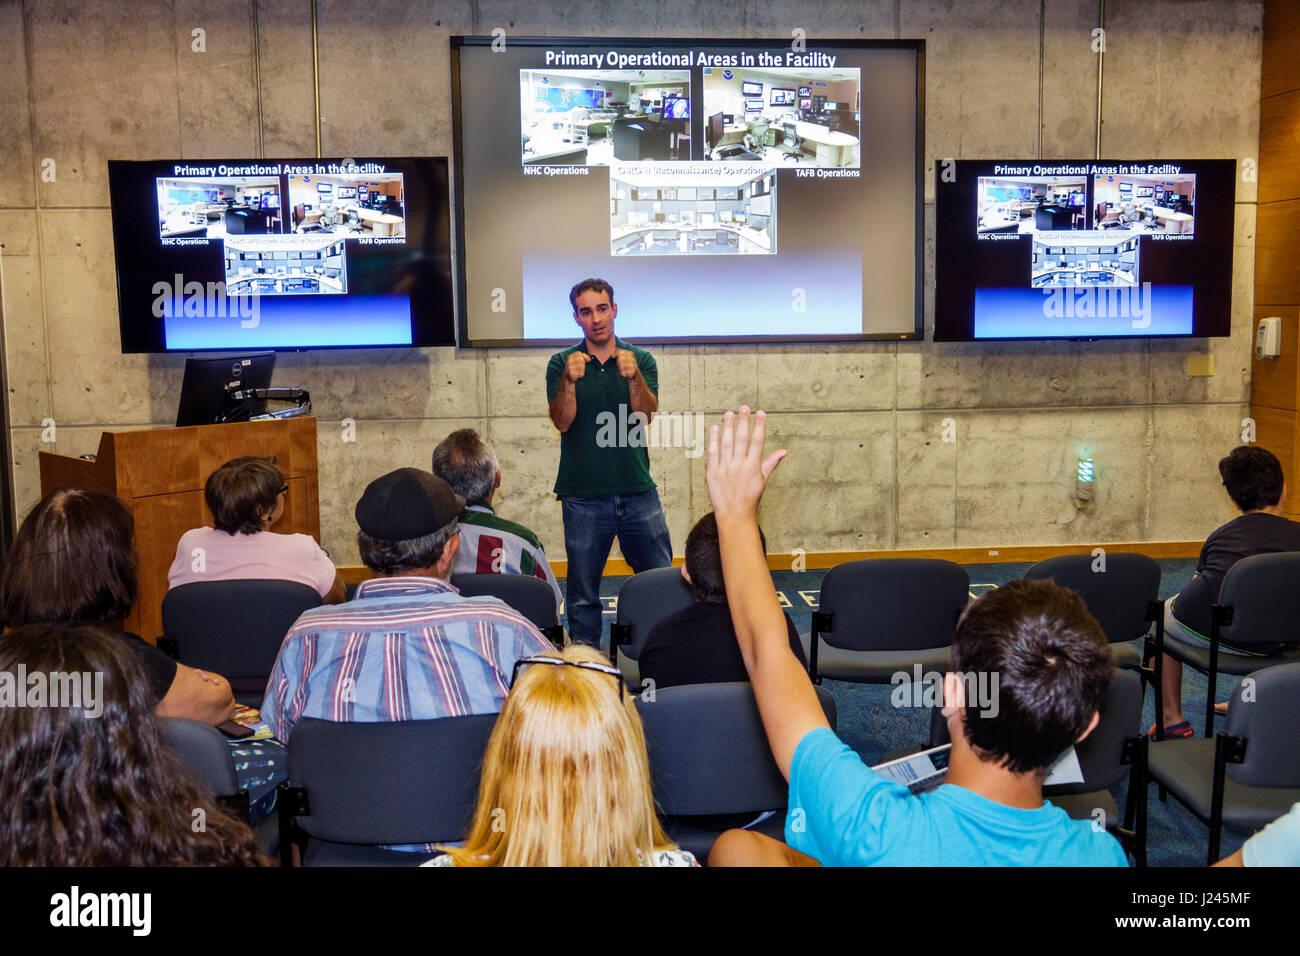 Miami Florida National Hurricane Center NHC NOAA il servizio meteorologico nazionale open house presentazione interna Immagini Stock